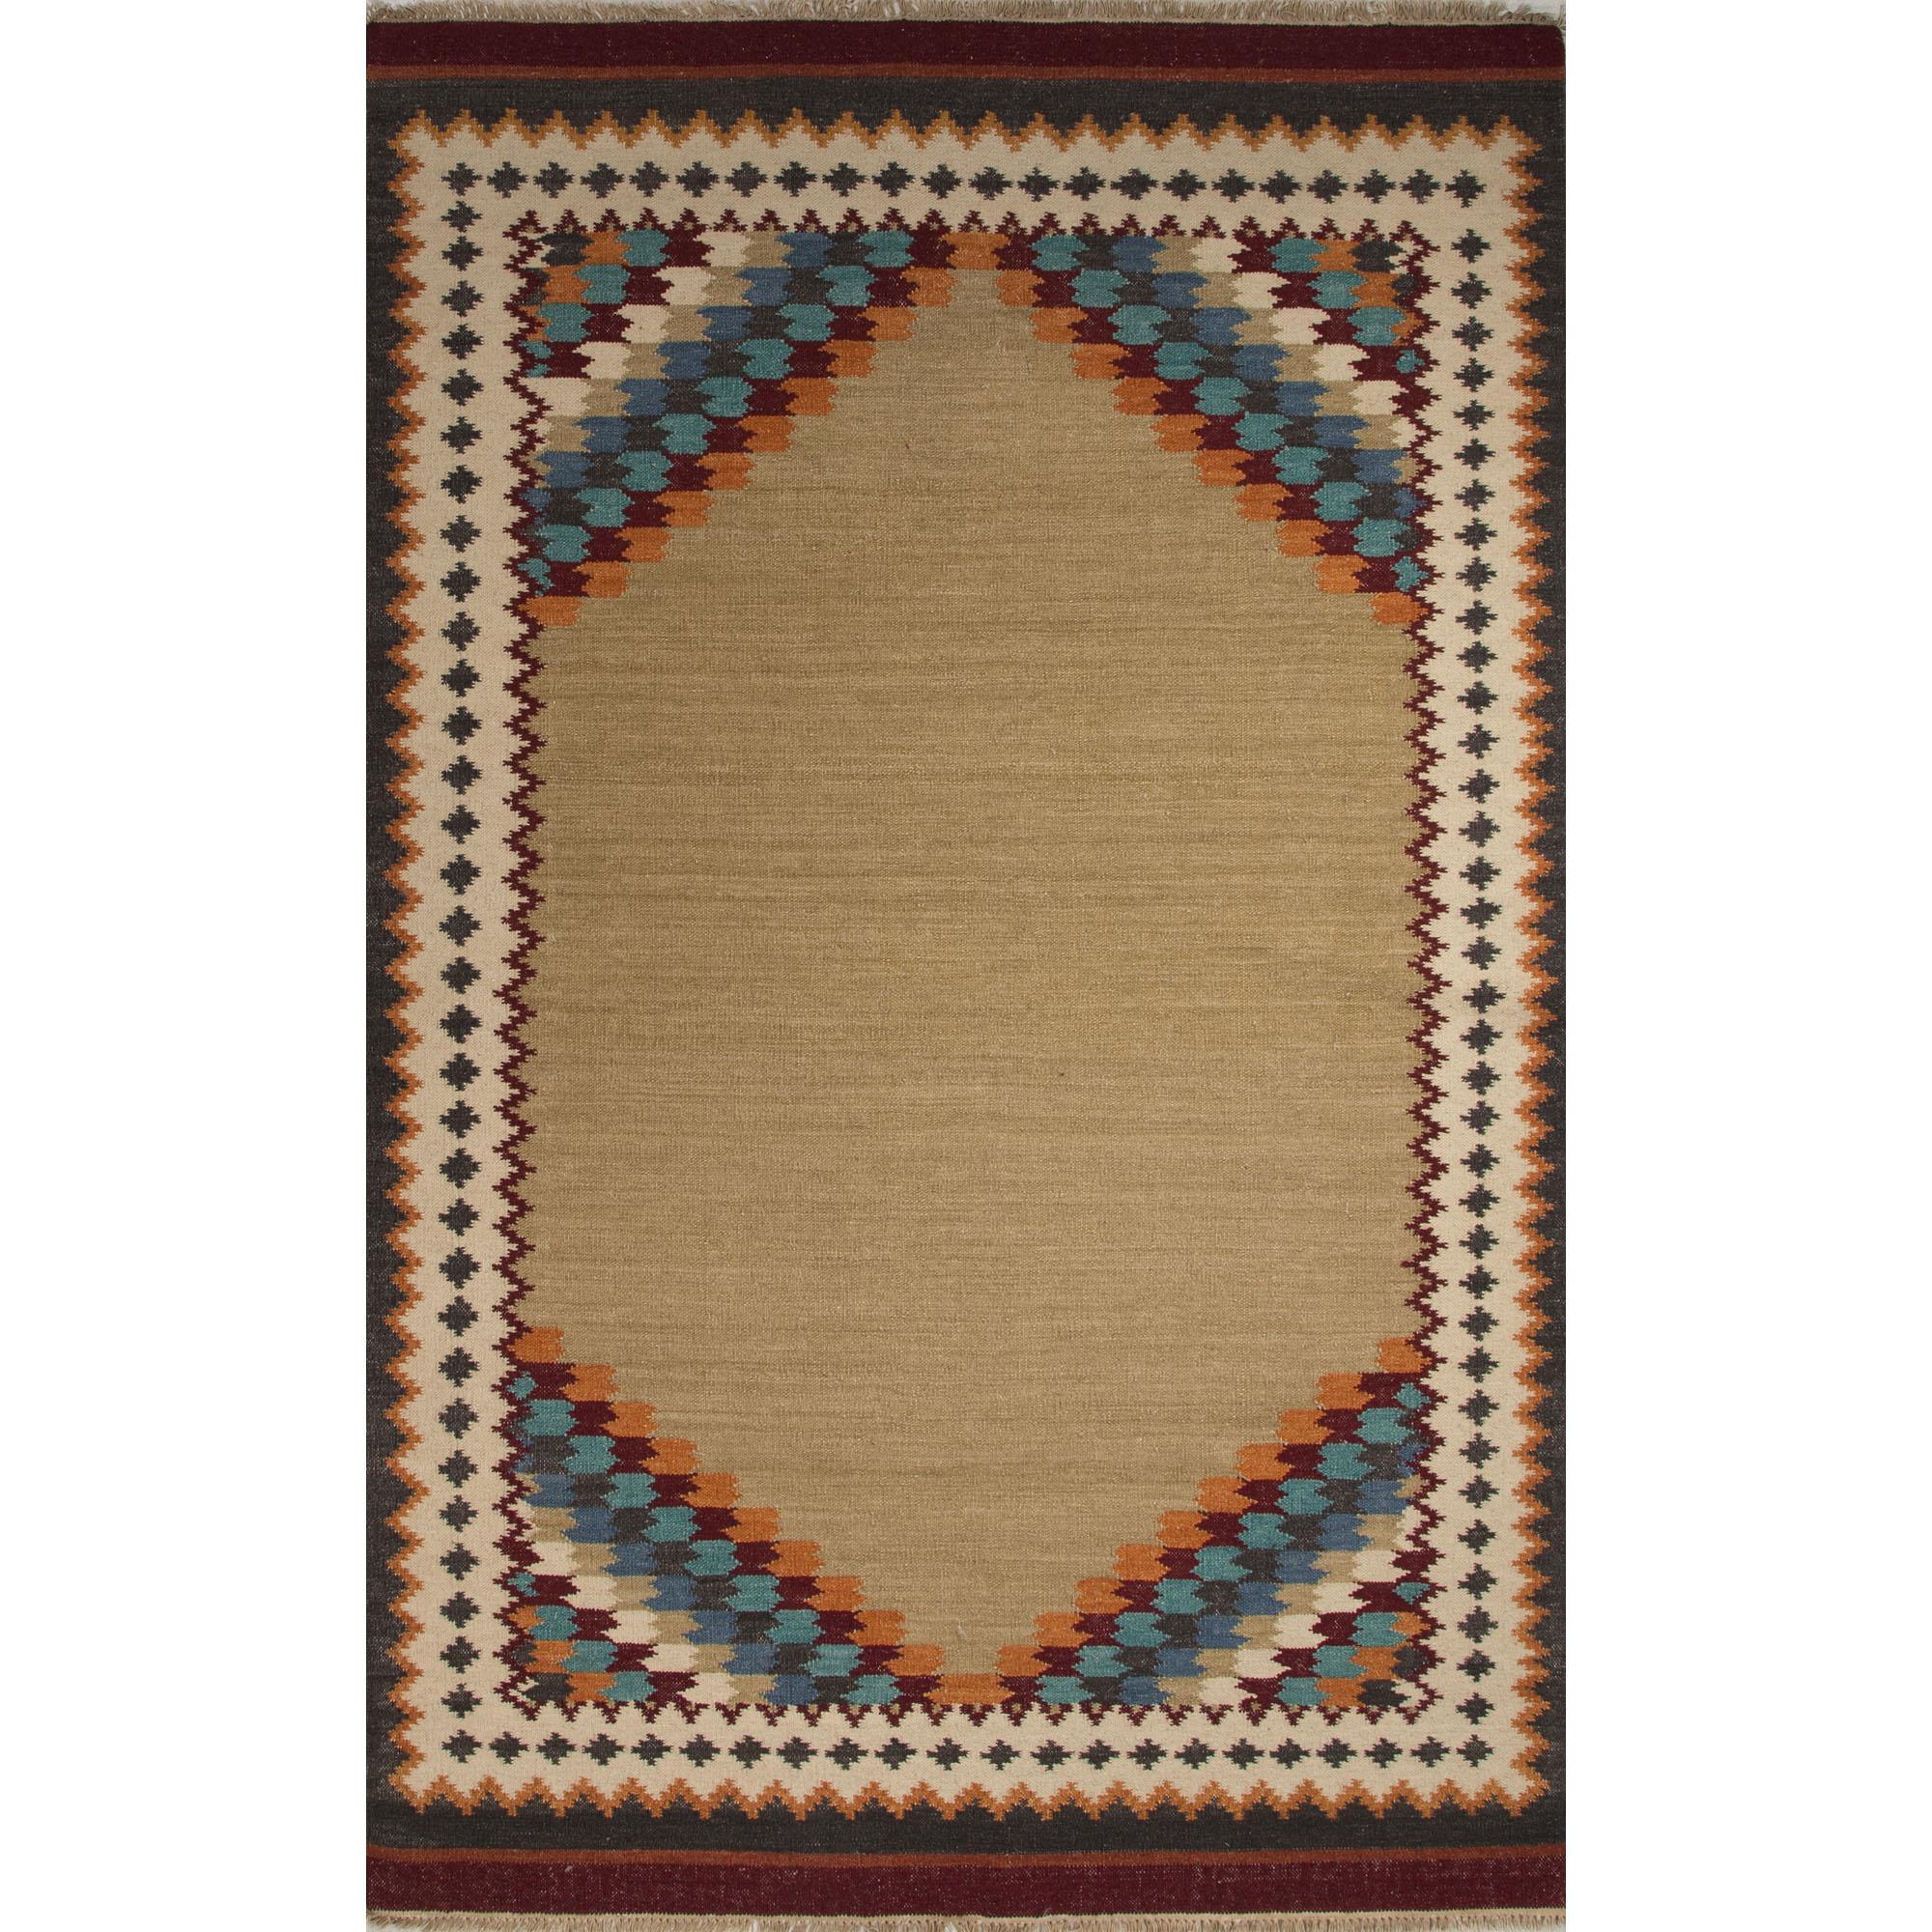 JAIPUR Rugs Anatolia 4 x 6 Rug - Item Number: RUG123882